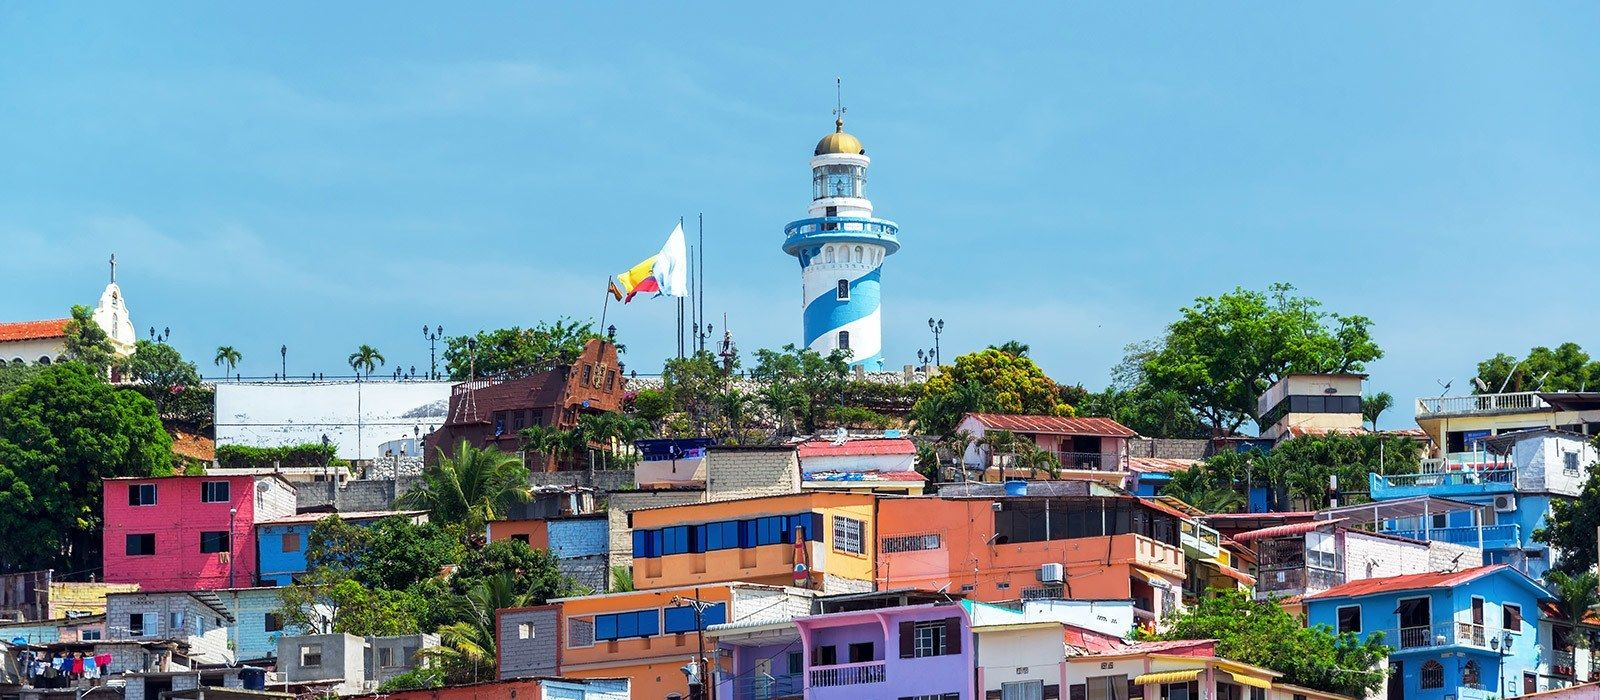 Destination Guayaquil Ecuador/Galapagos